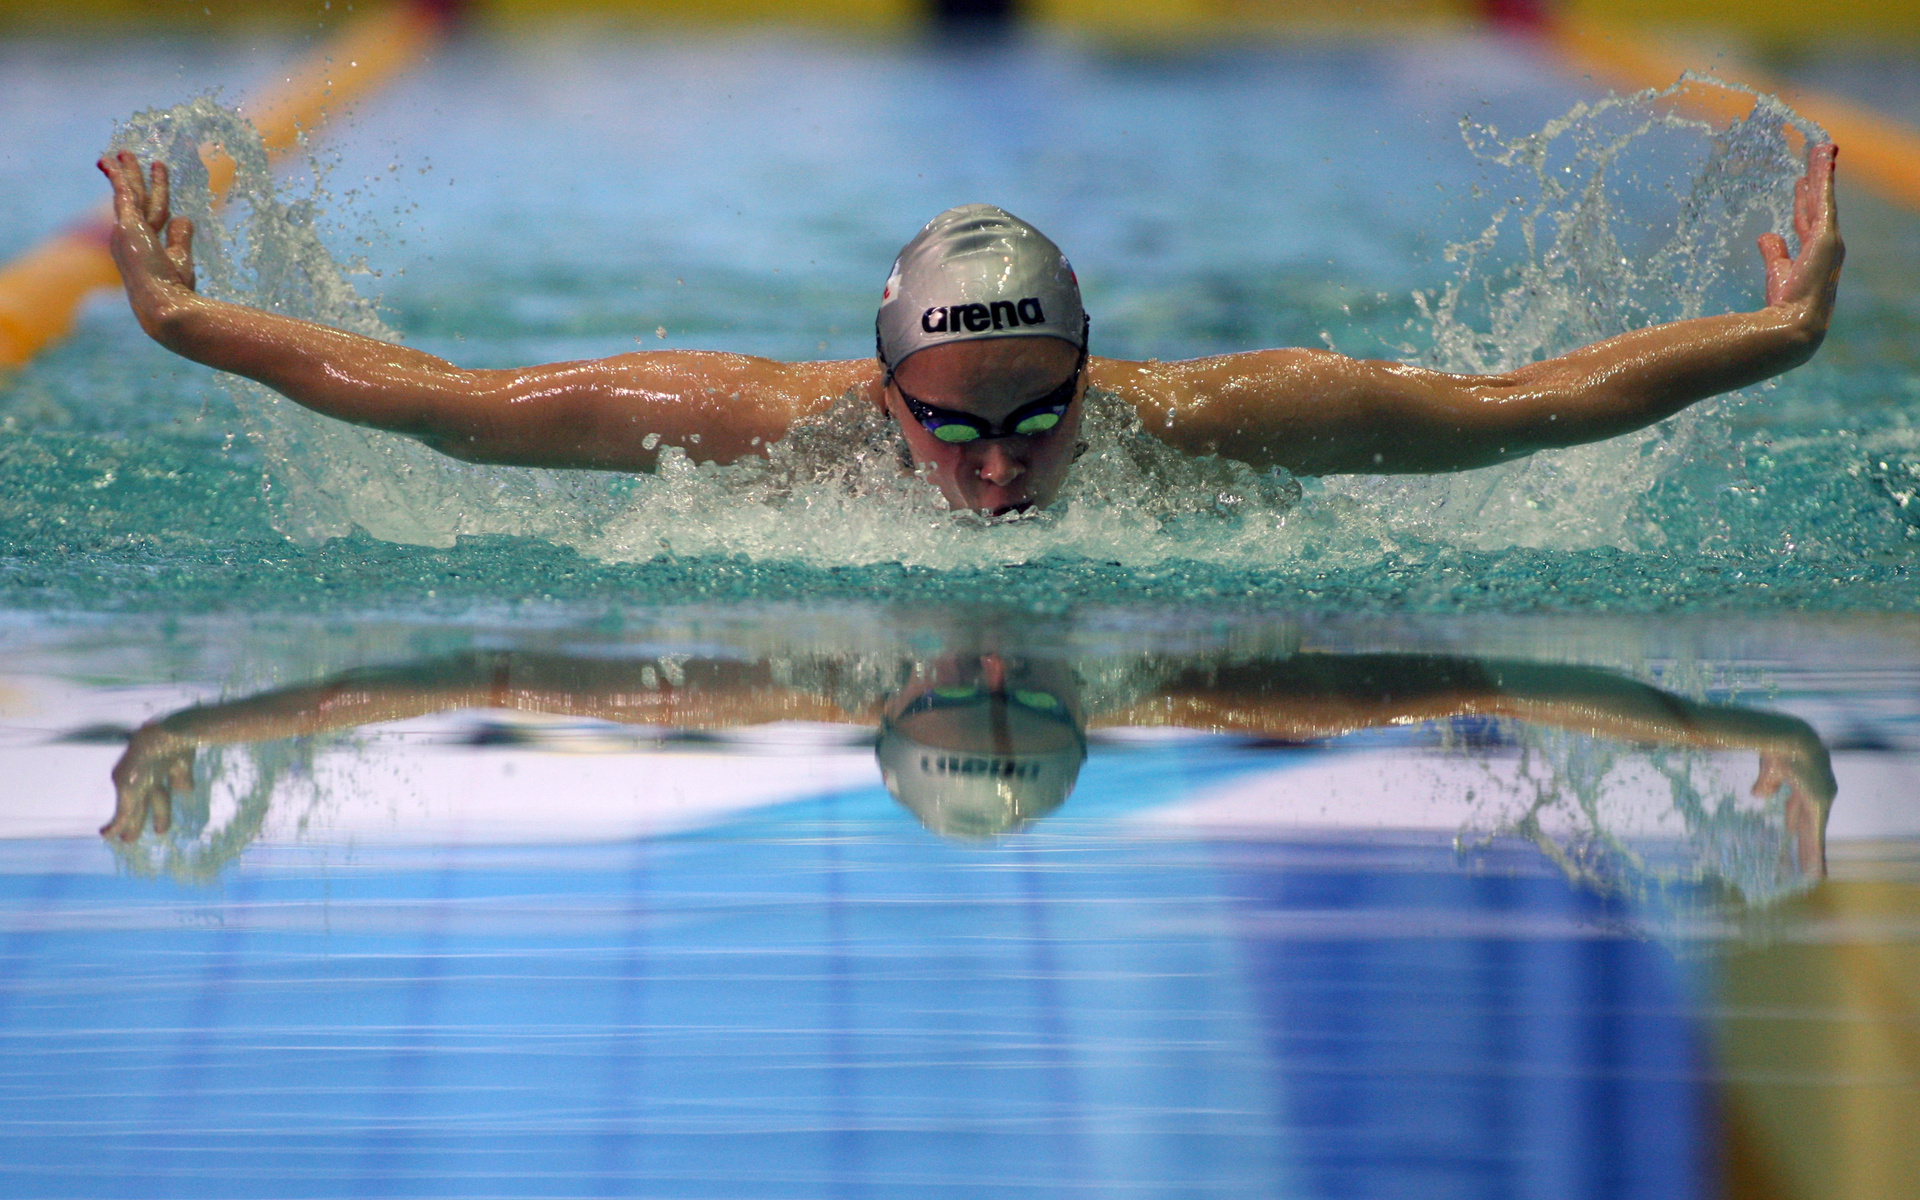 инструкция для занятия в бассейне